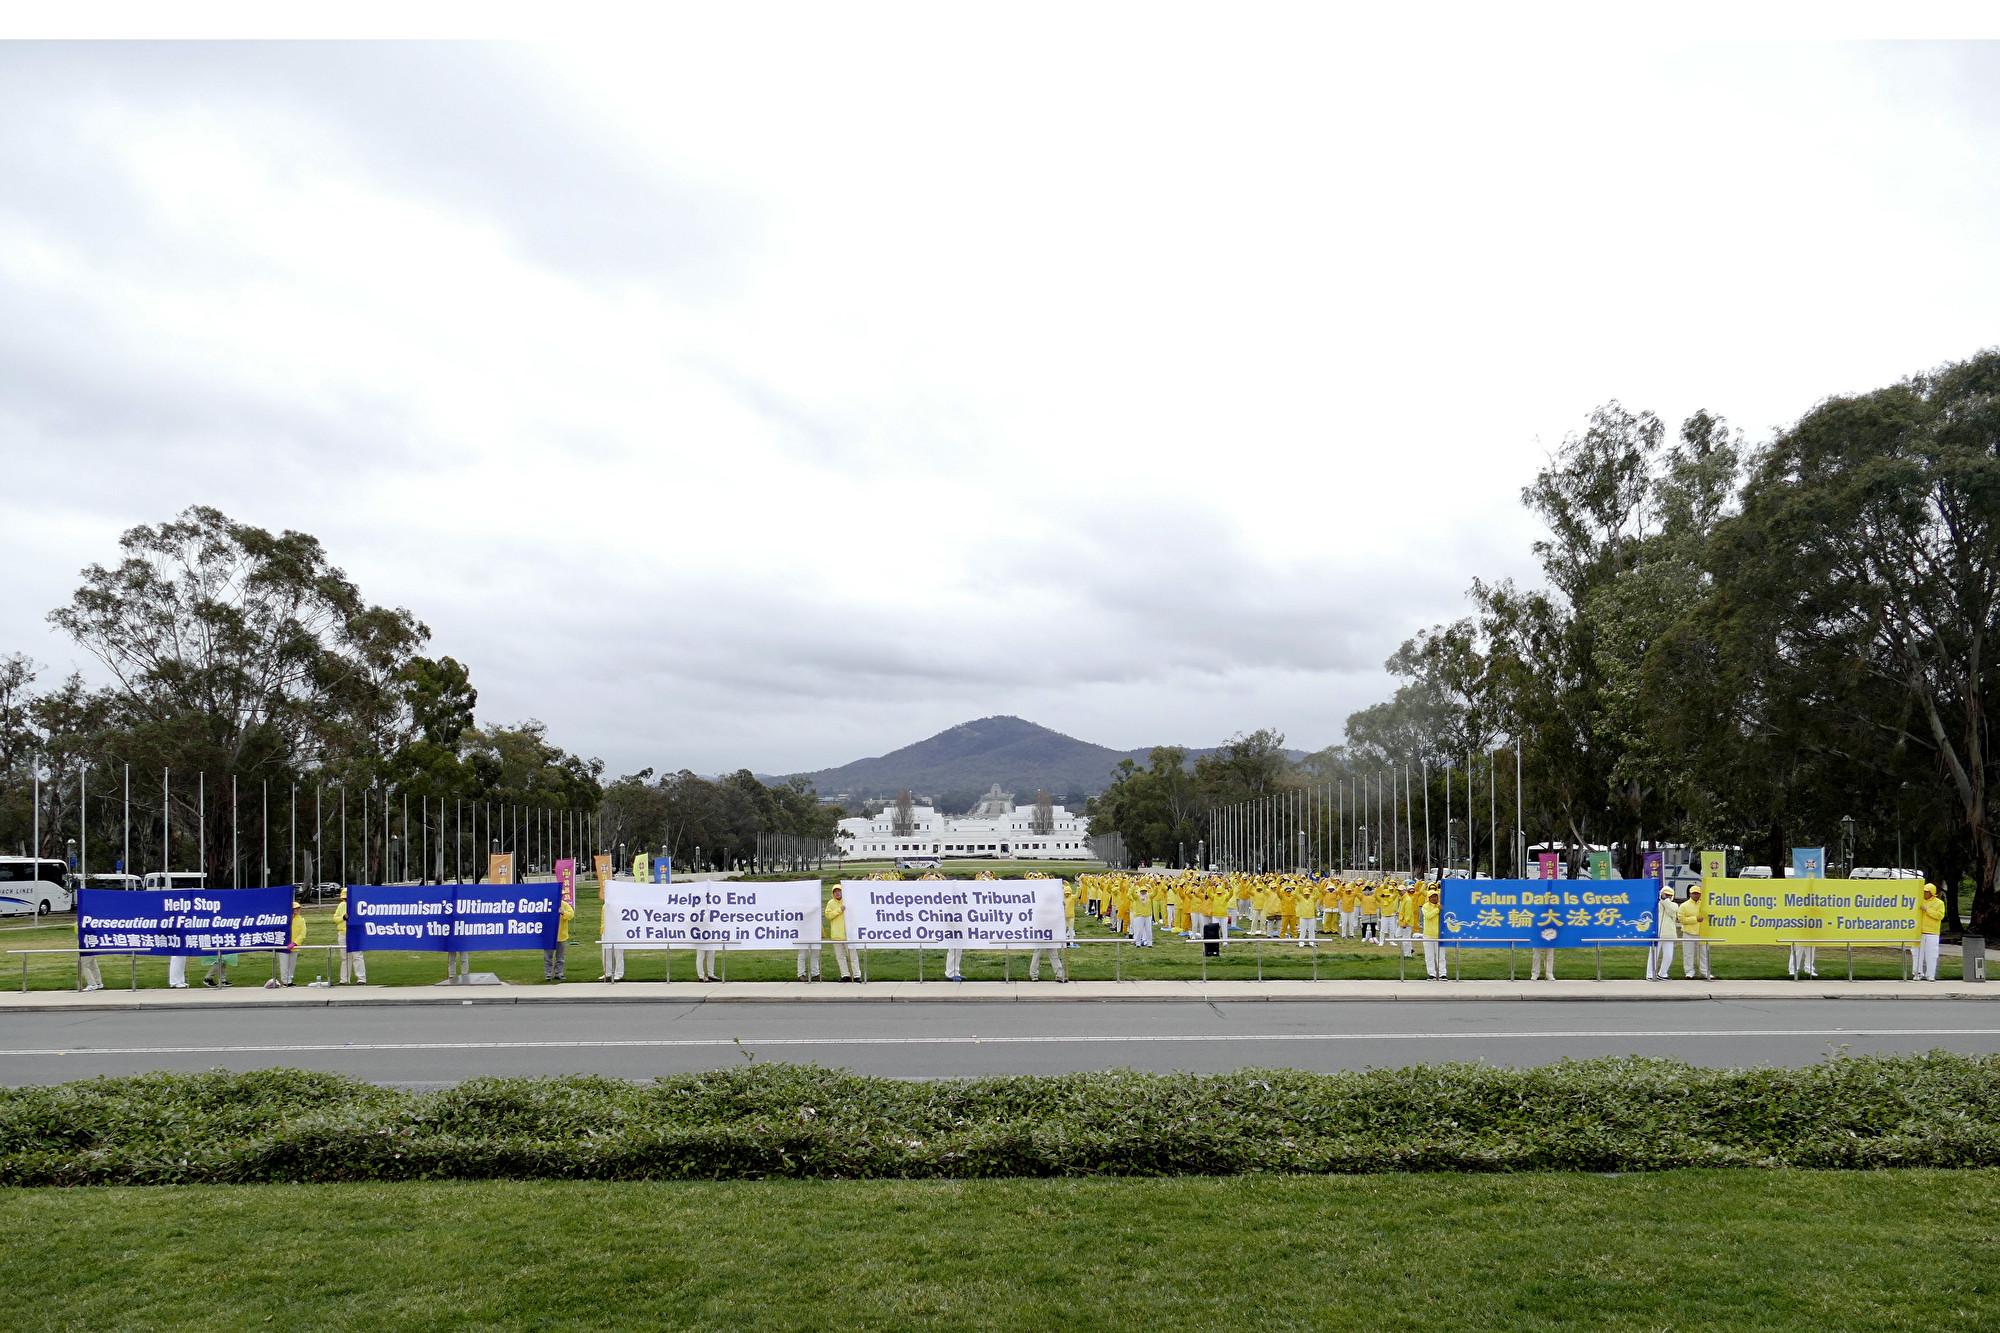 法輪功學員澳洲國會前集會 呼籲停止迫害